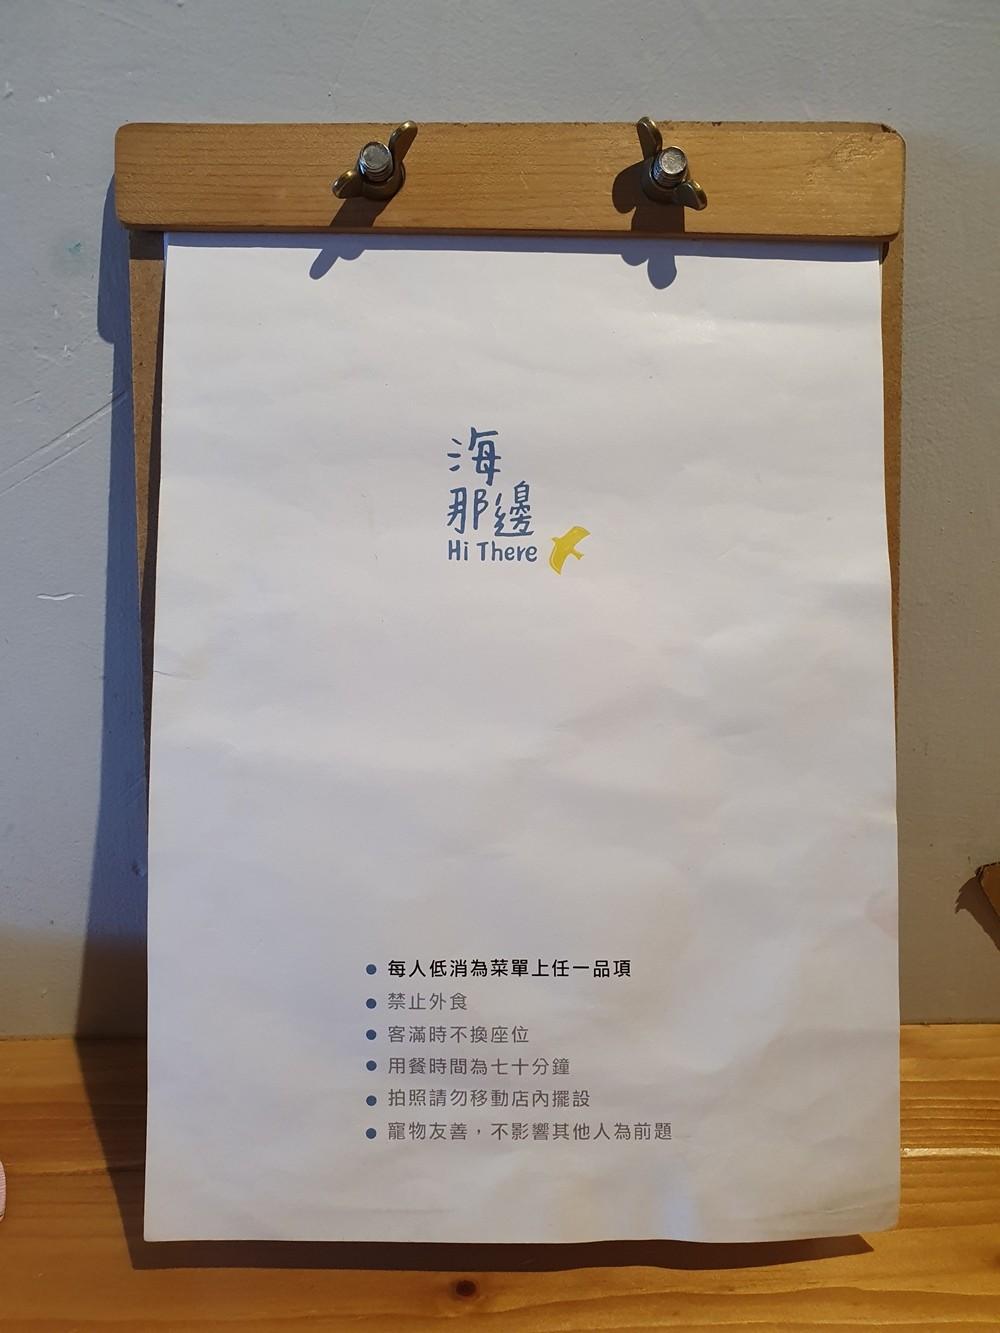 正濱漁港彩色屋美食「海那邊」日式抹茶冰~吃冰太企鵝Chill了! - yukiblog.tw